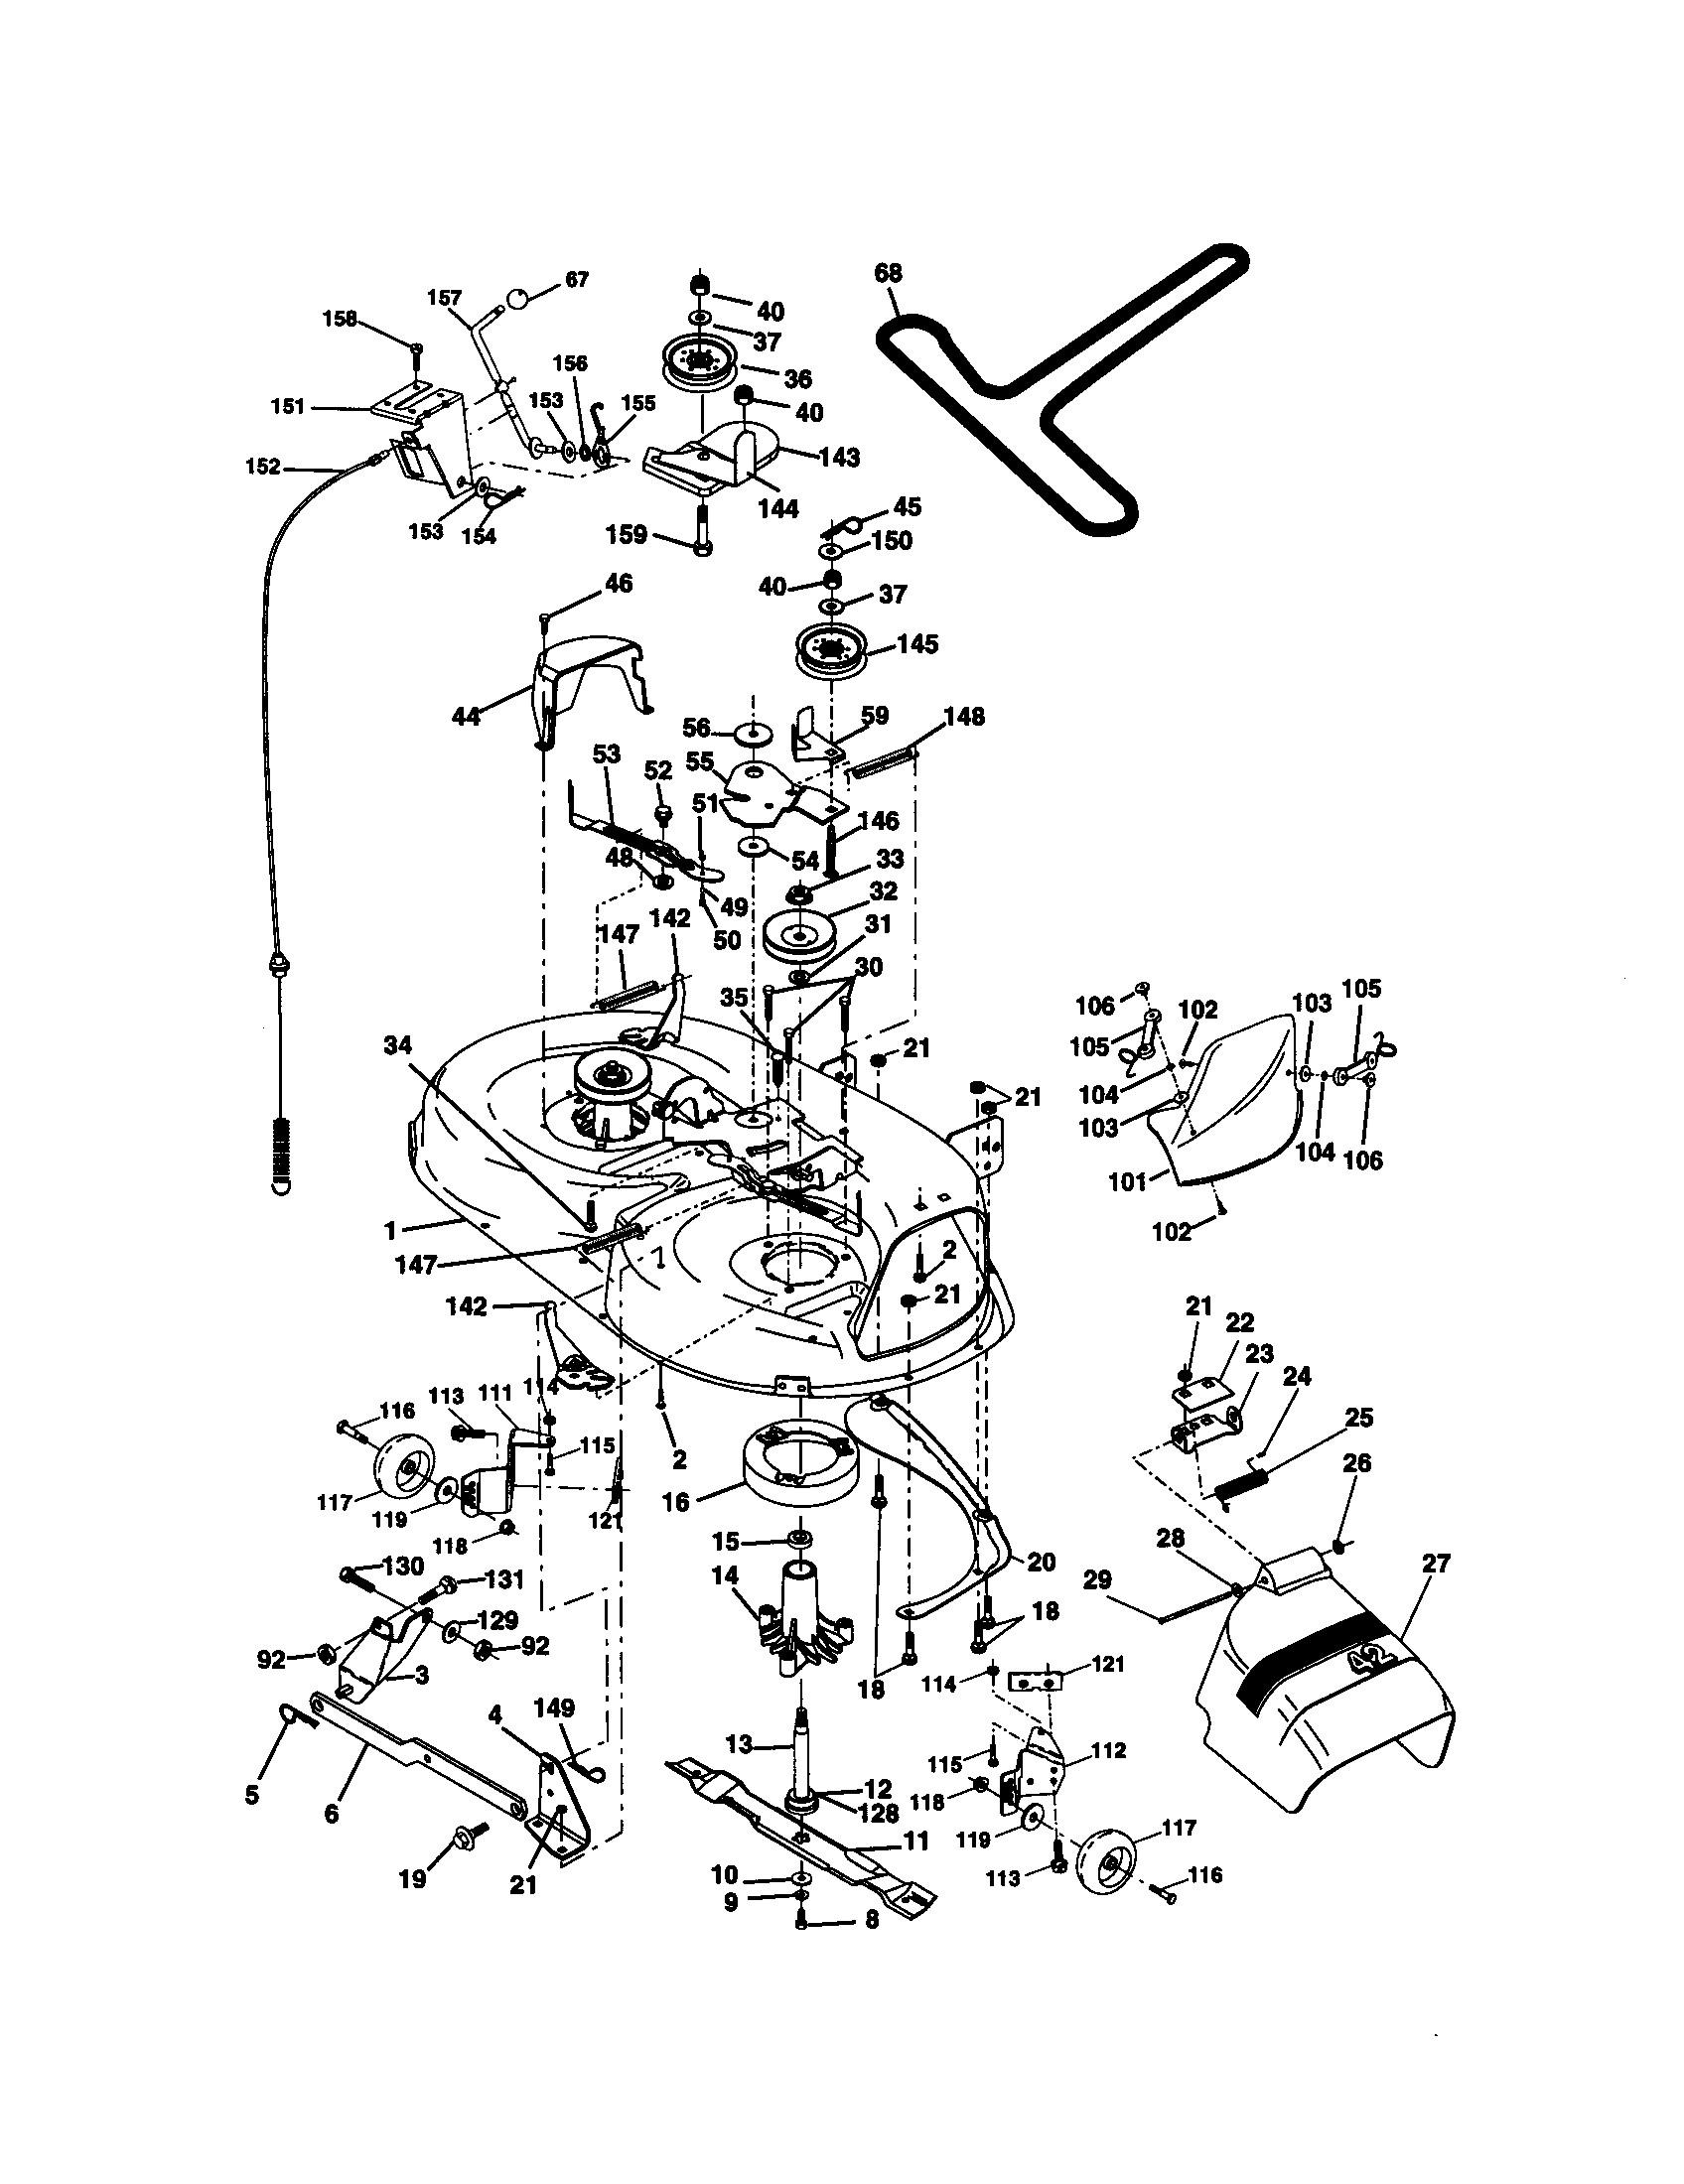 Briggs Stratton Engine Parts and Diagrams 2 Craftsman Model Lawn Tractor Genuine Parts Of Briggs Stratton Engine Parts and Diagrams 2